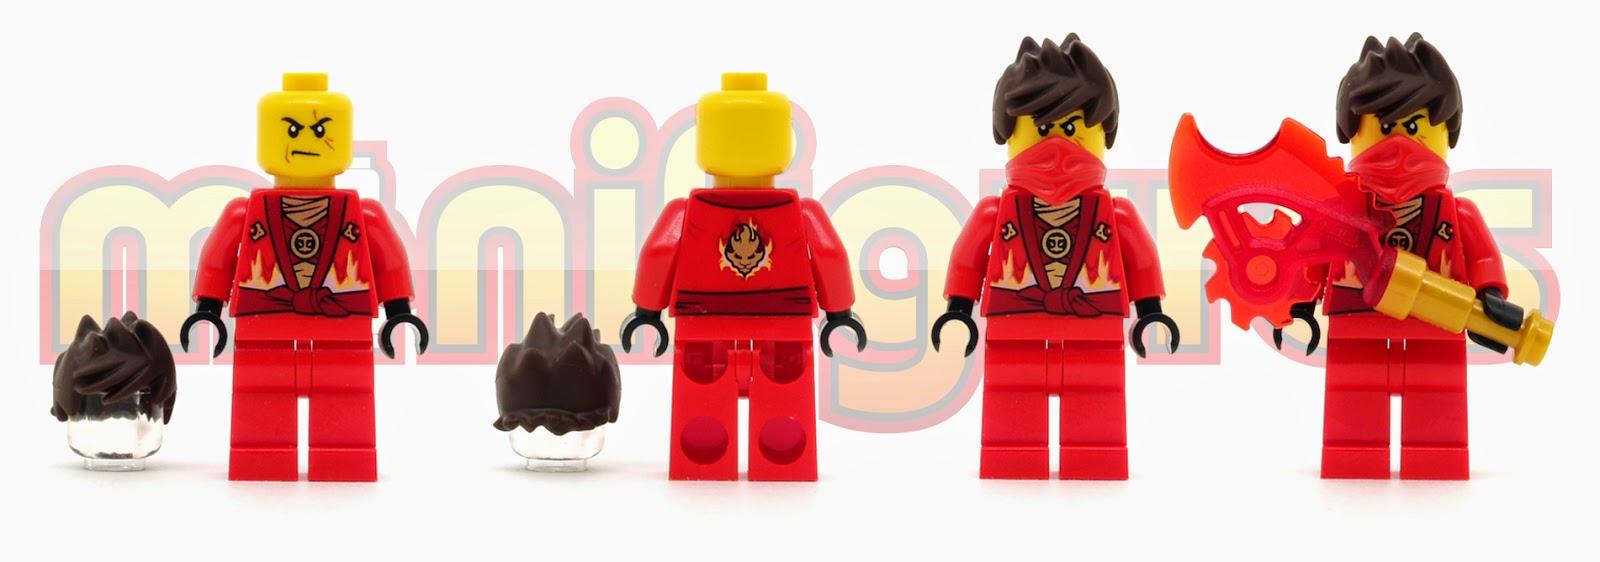 Lego ninjago rebooted sets review